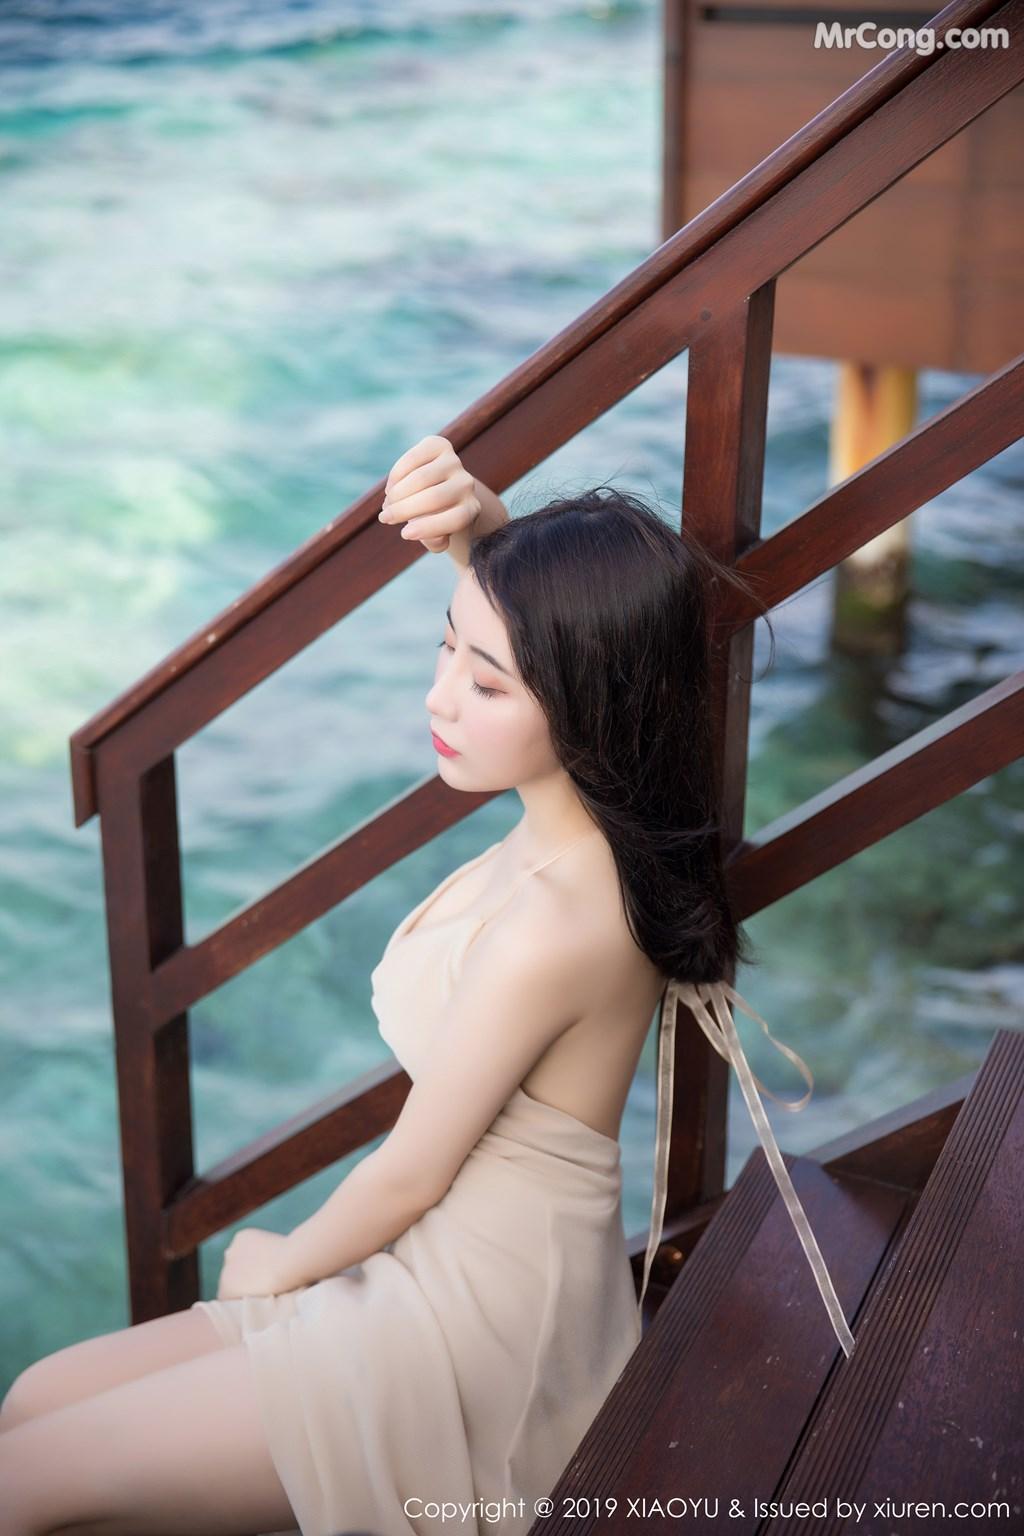 Image XiaoYu-Vol.147-Cherry-MrCong.com-002 in post XiaoYu Vol.147: 绯月樱-Cherry (66 ảnh)